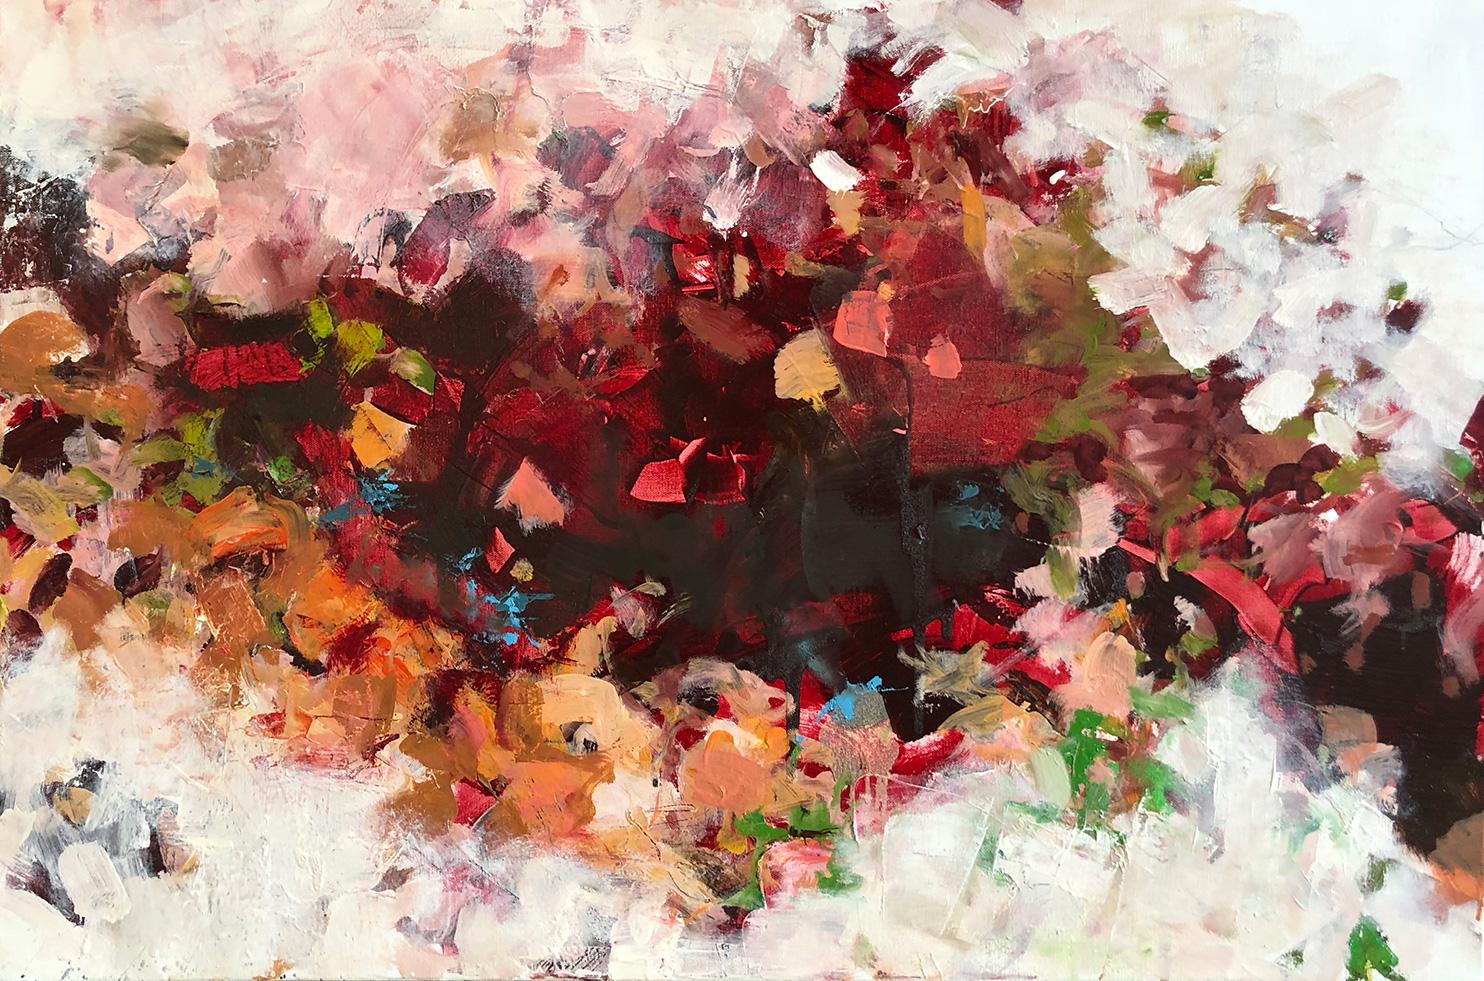 Carol Rubin. Vortex .24 in x 36 in